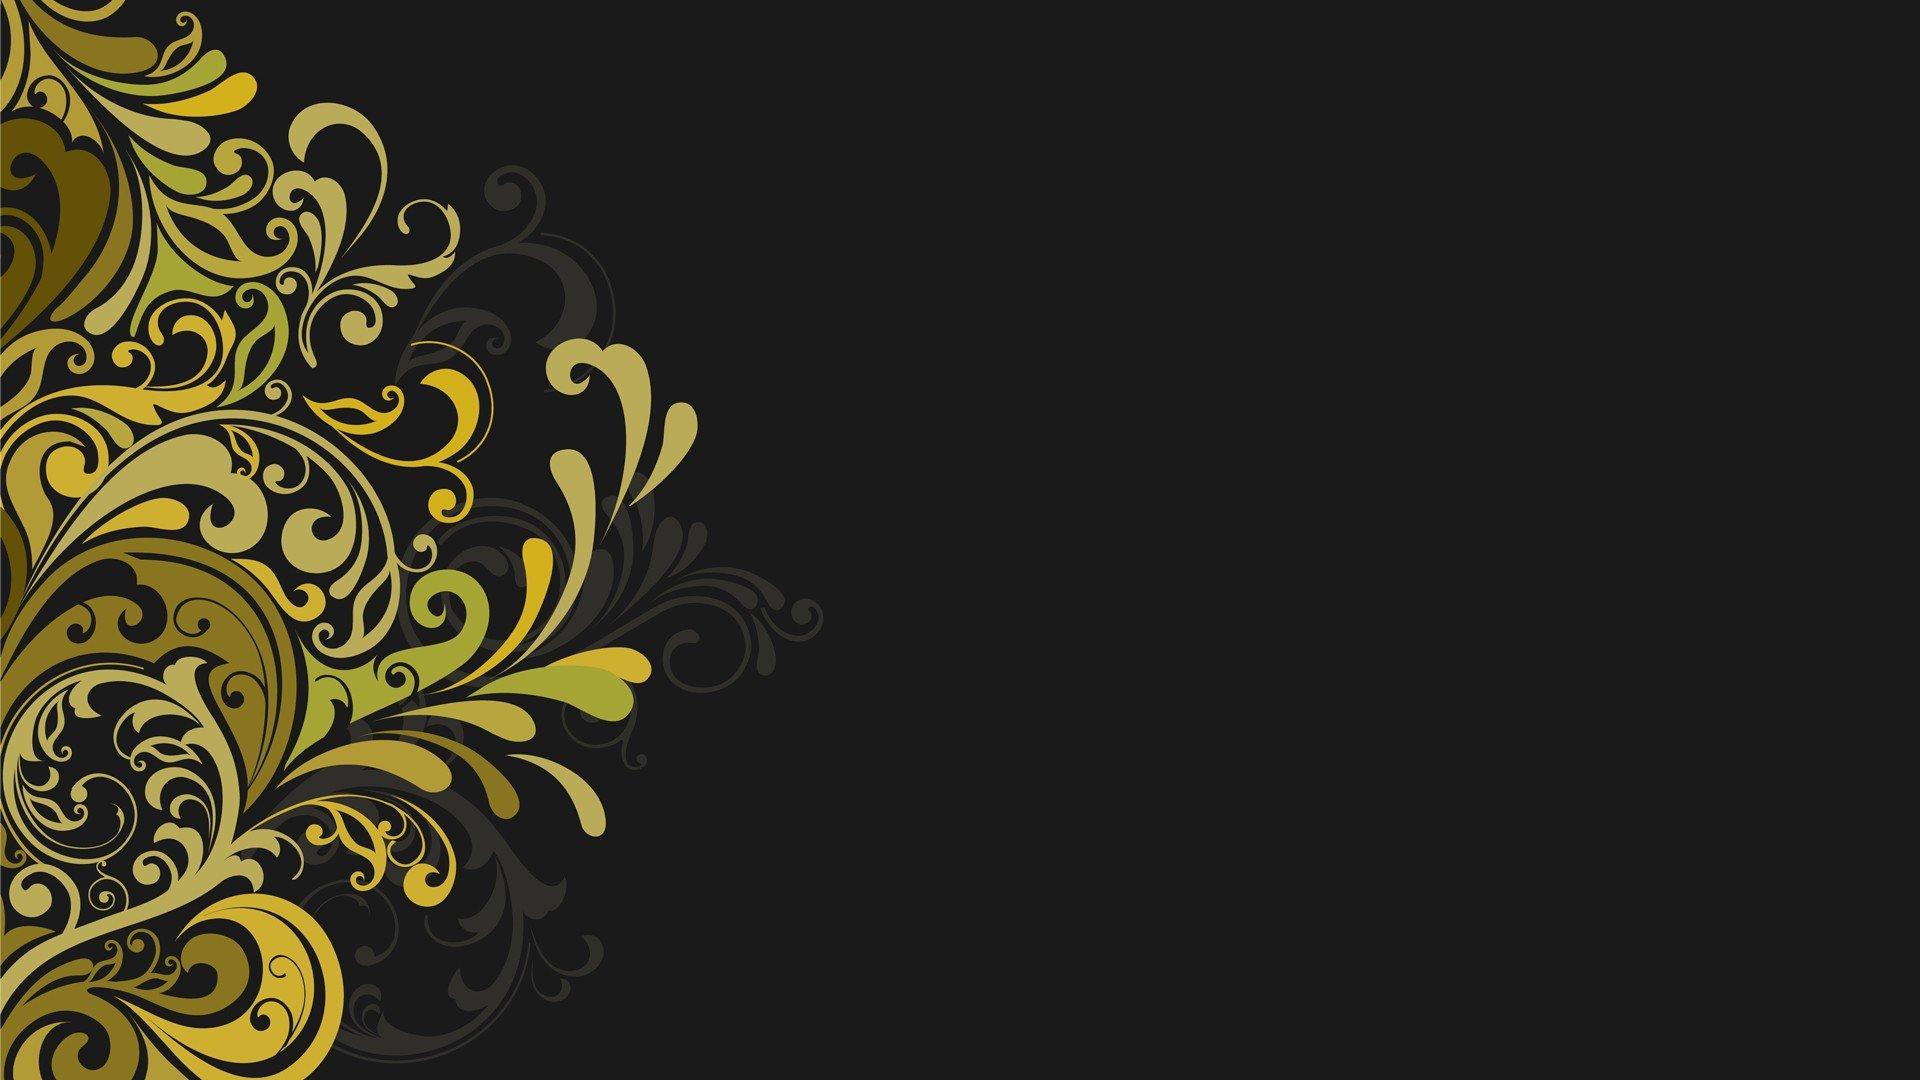 1920x1080 Vectors Floral Graphics Grey Background Wallpaper 1920x1080